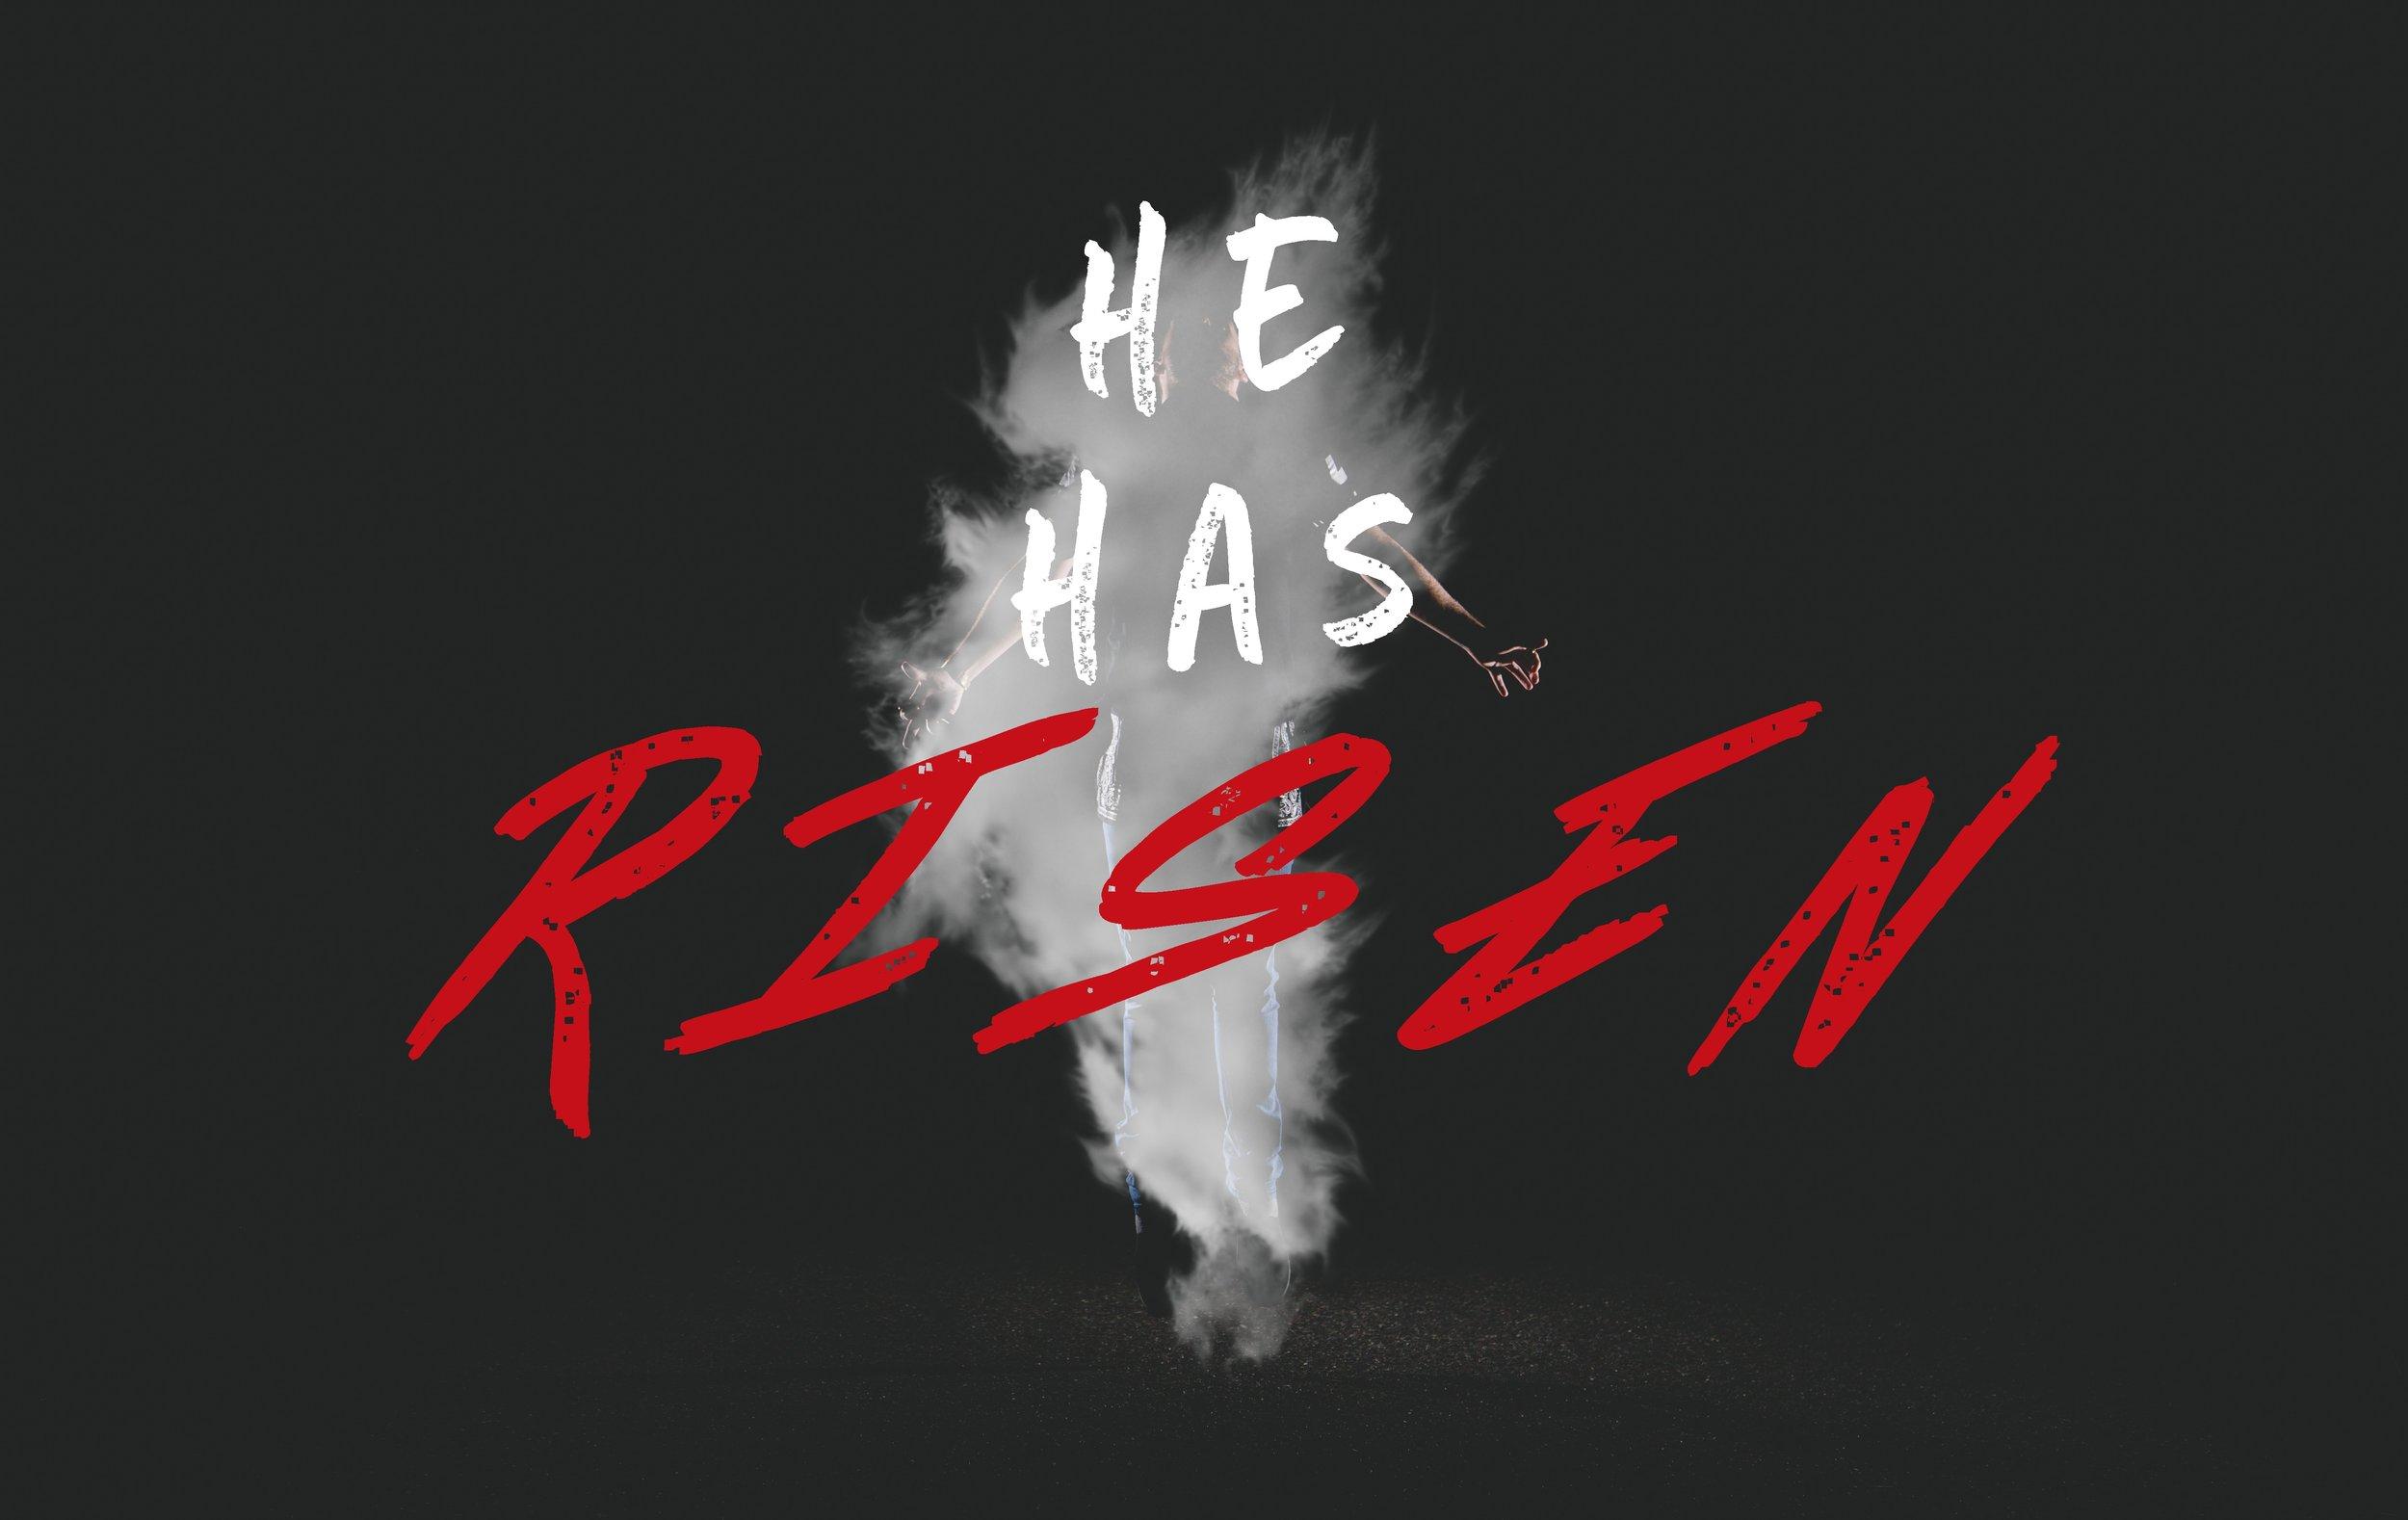 He_Has_Risen.jpg